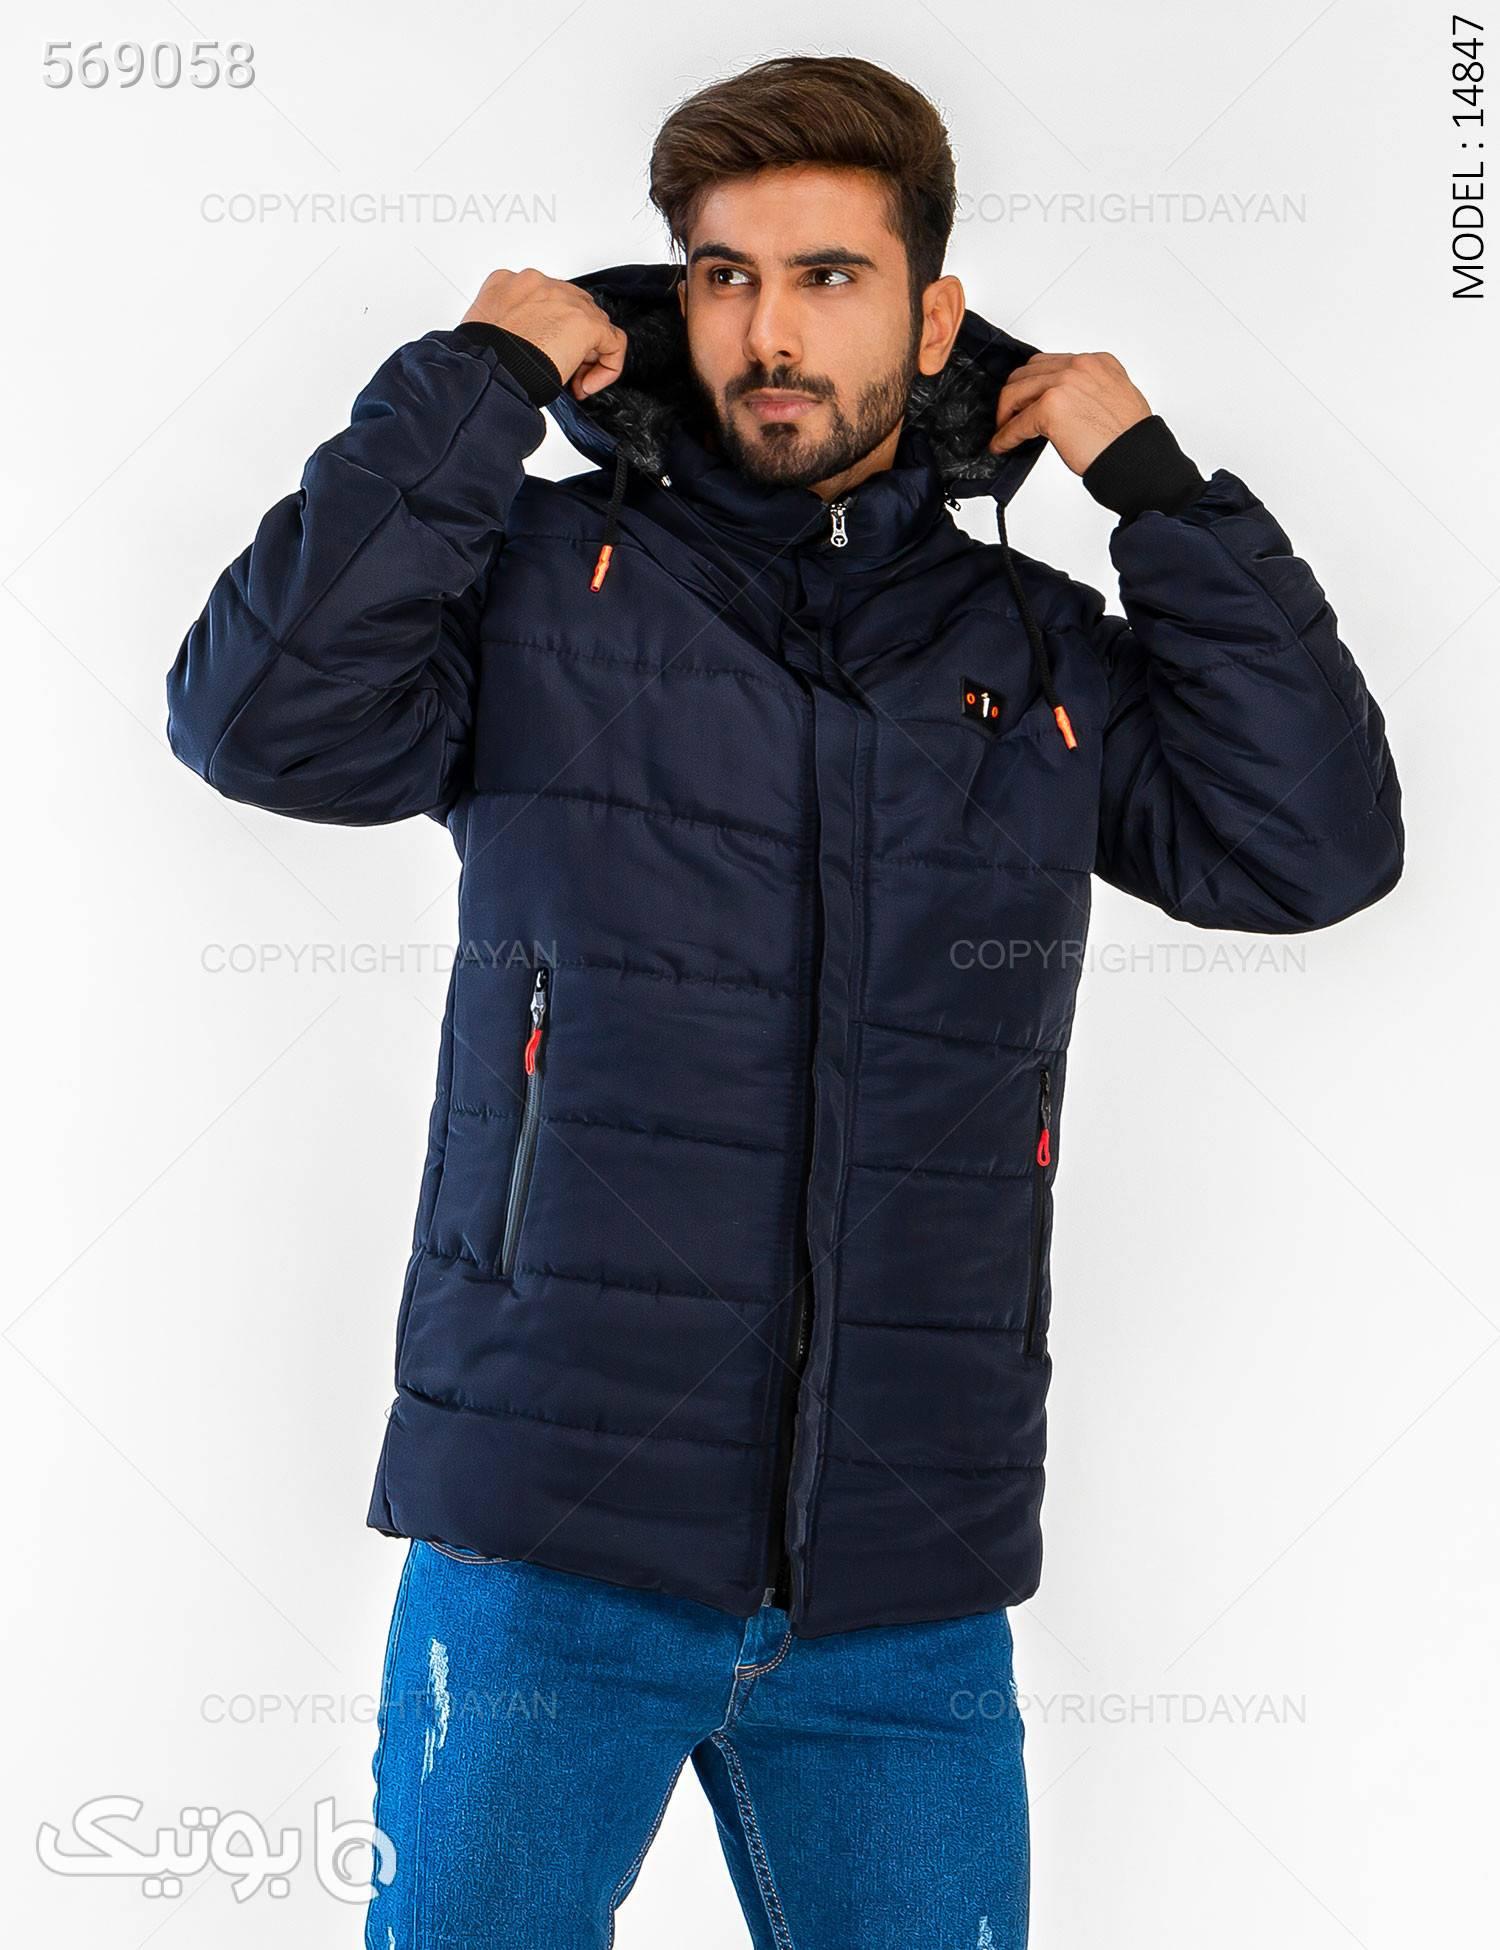 کاپشن مردانه Enzo مدل 14847 سورمه ای کاپشن و بارانی مردانه